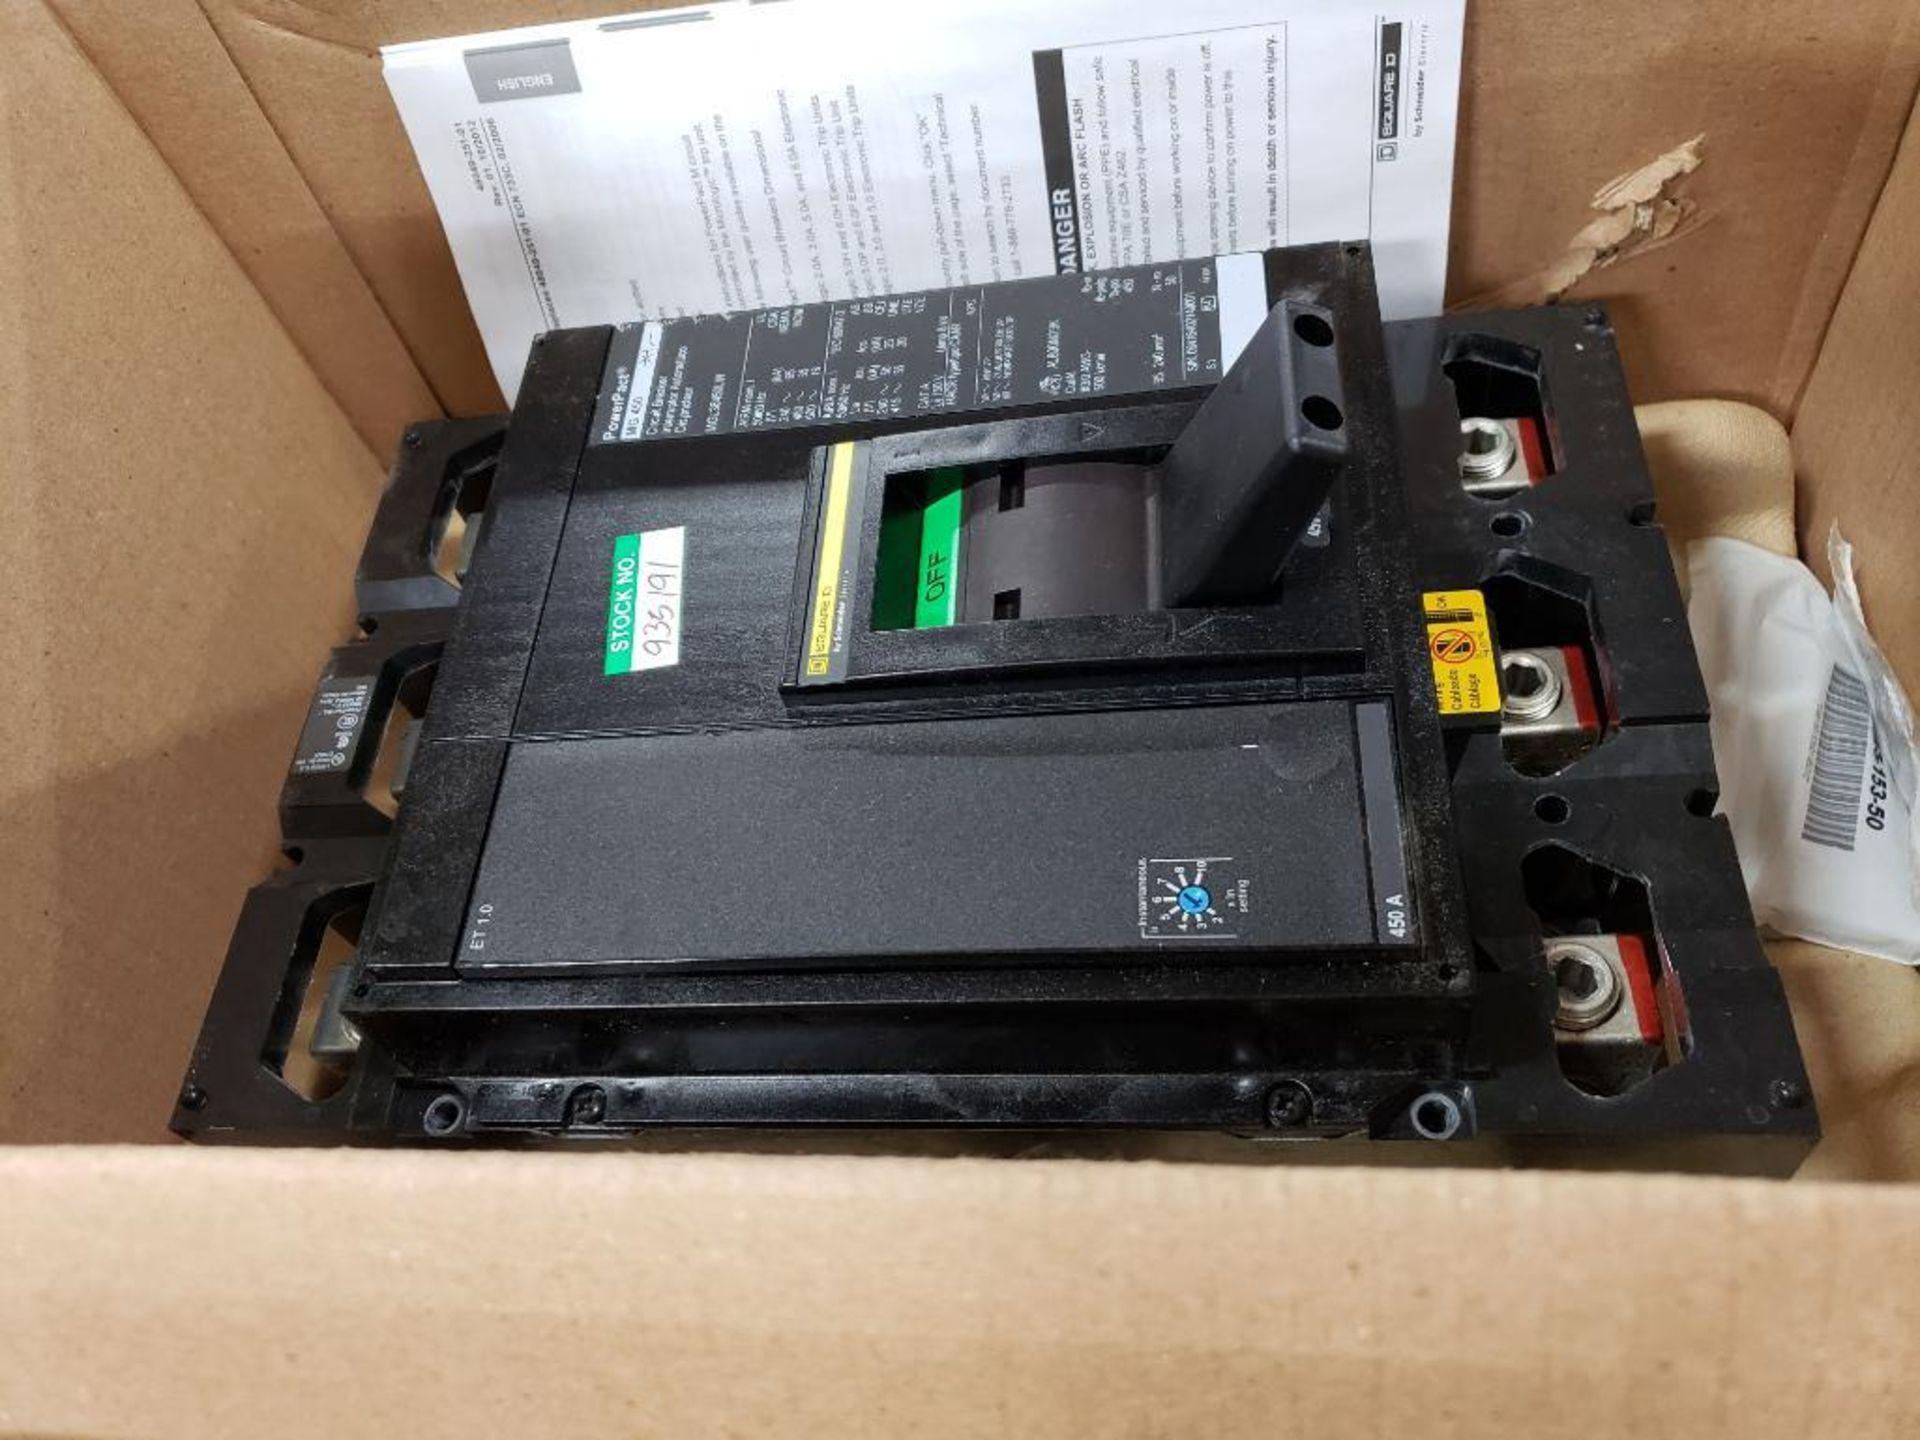 Square D PowerPact breaker. 450 amp 3 phase. Model MGL36450LW. New in box. (minor shelf wear)